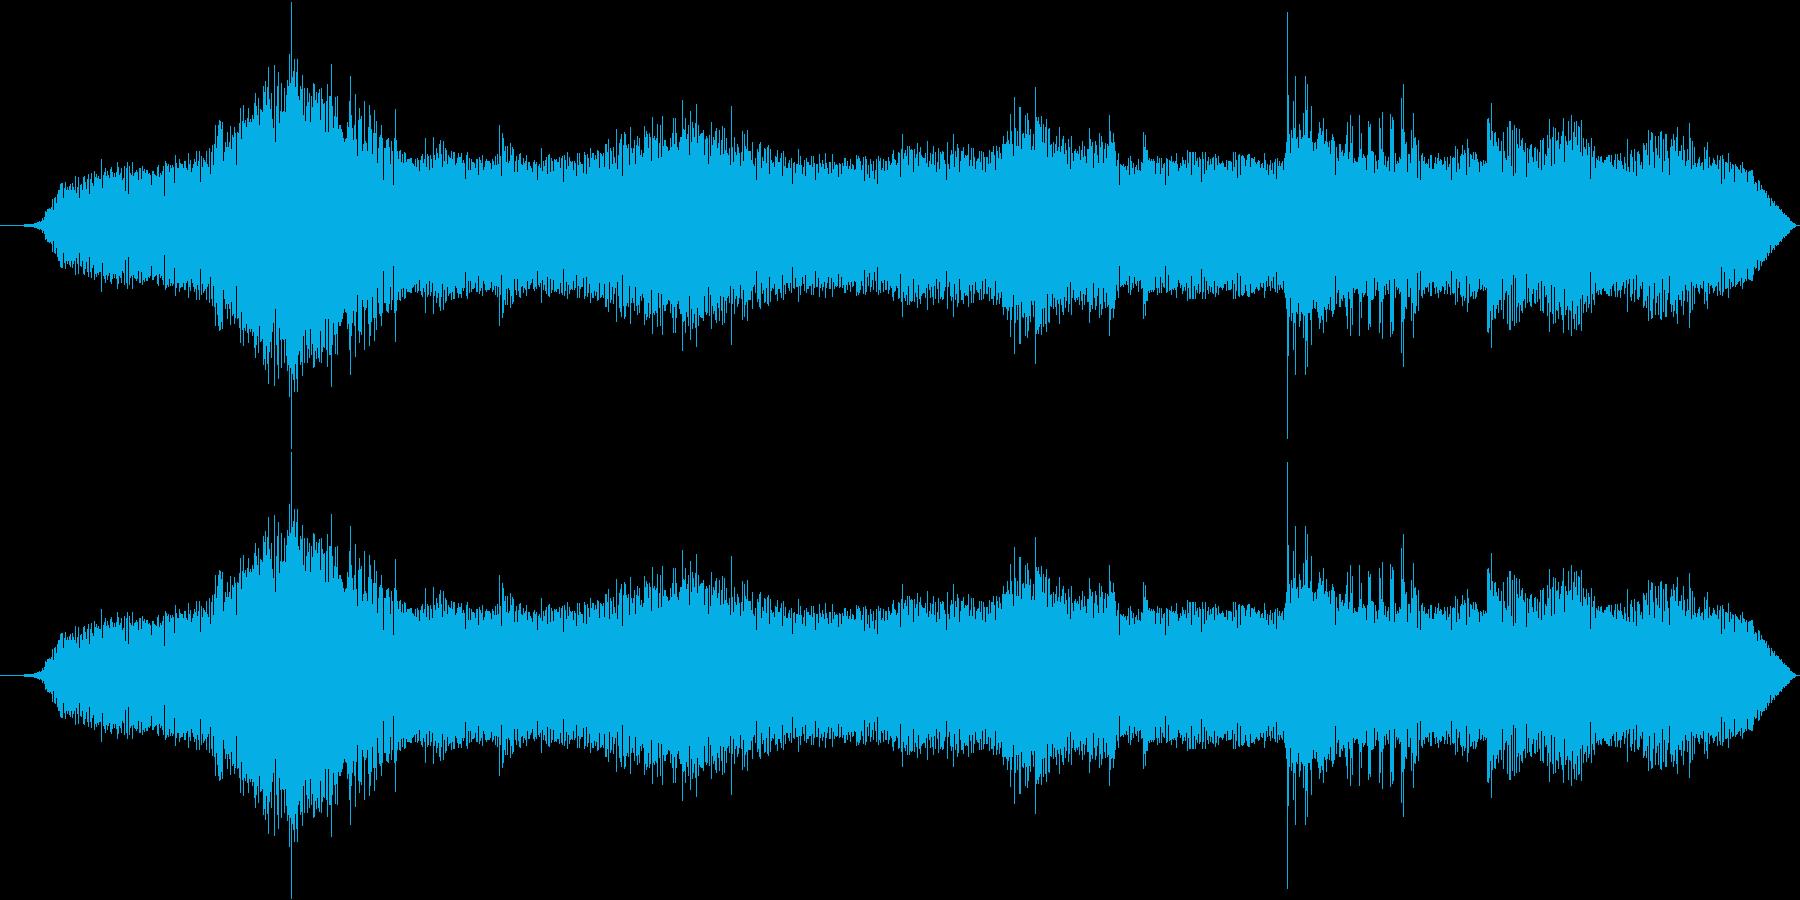 壊れた機械が発する音の再生済みの波形